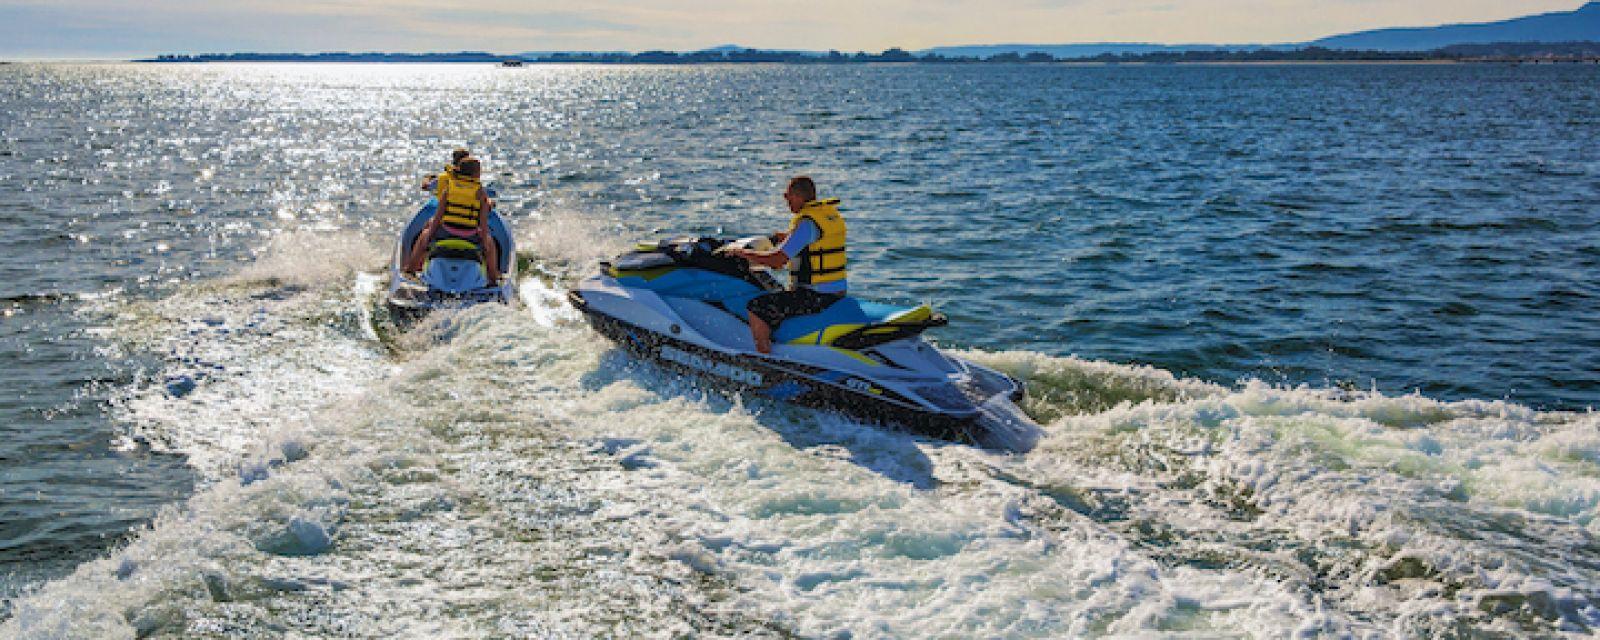 Te ofrecemos la oportunidad de alquilar motos de agua en Galicia para navegar en Sanxenxo y descubrir la costa de Pontevedra